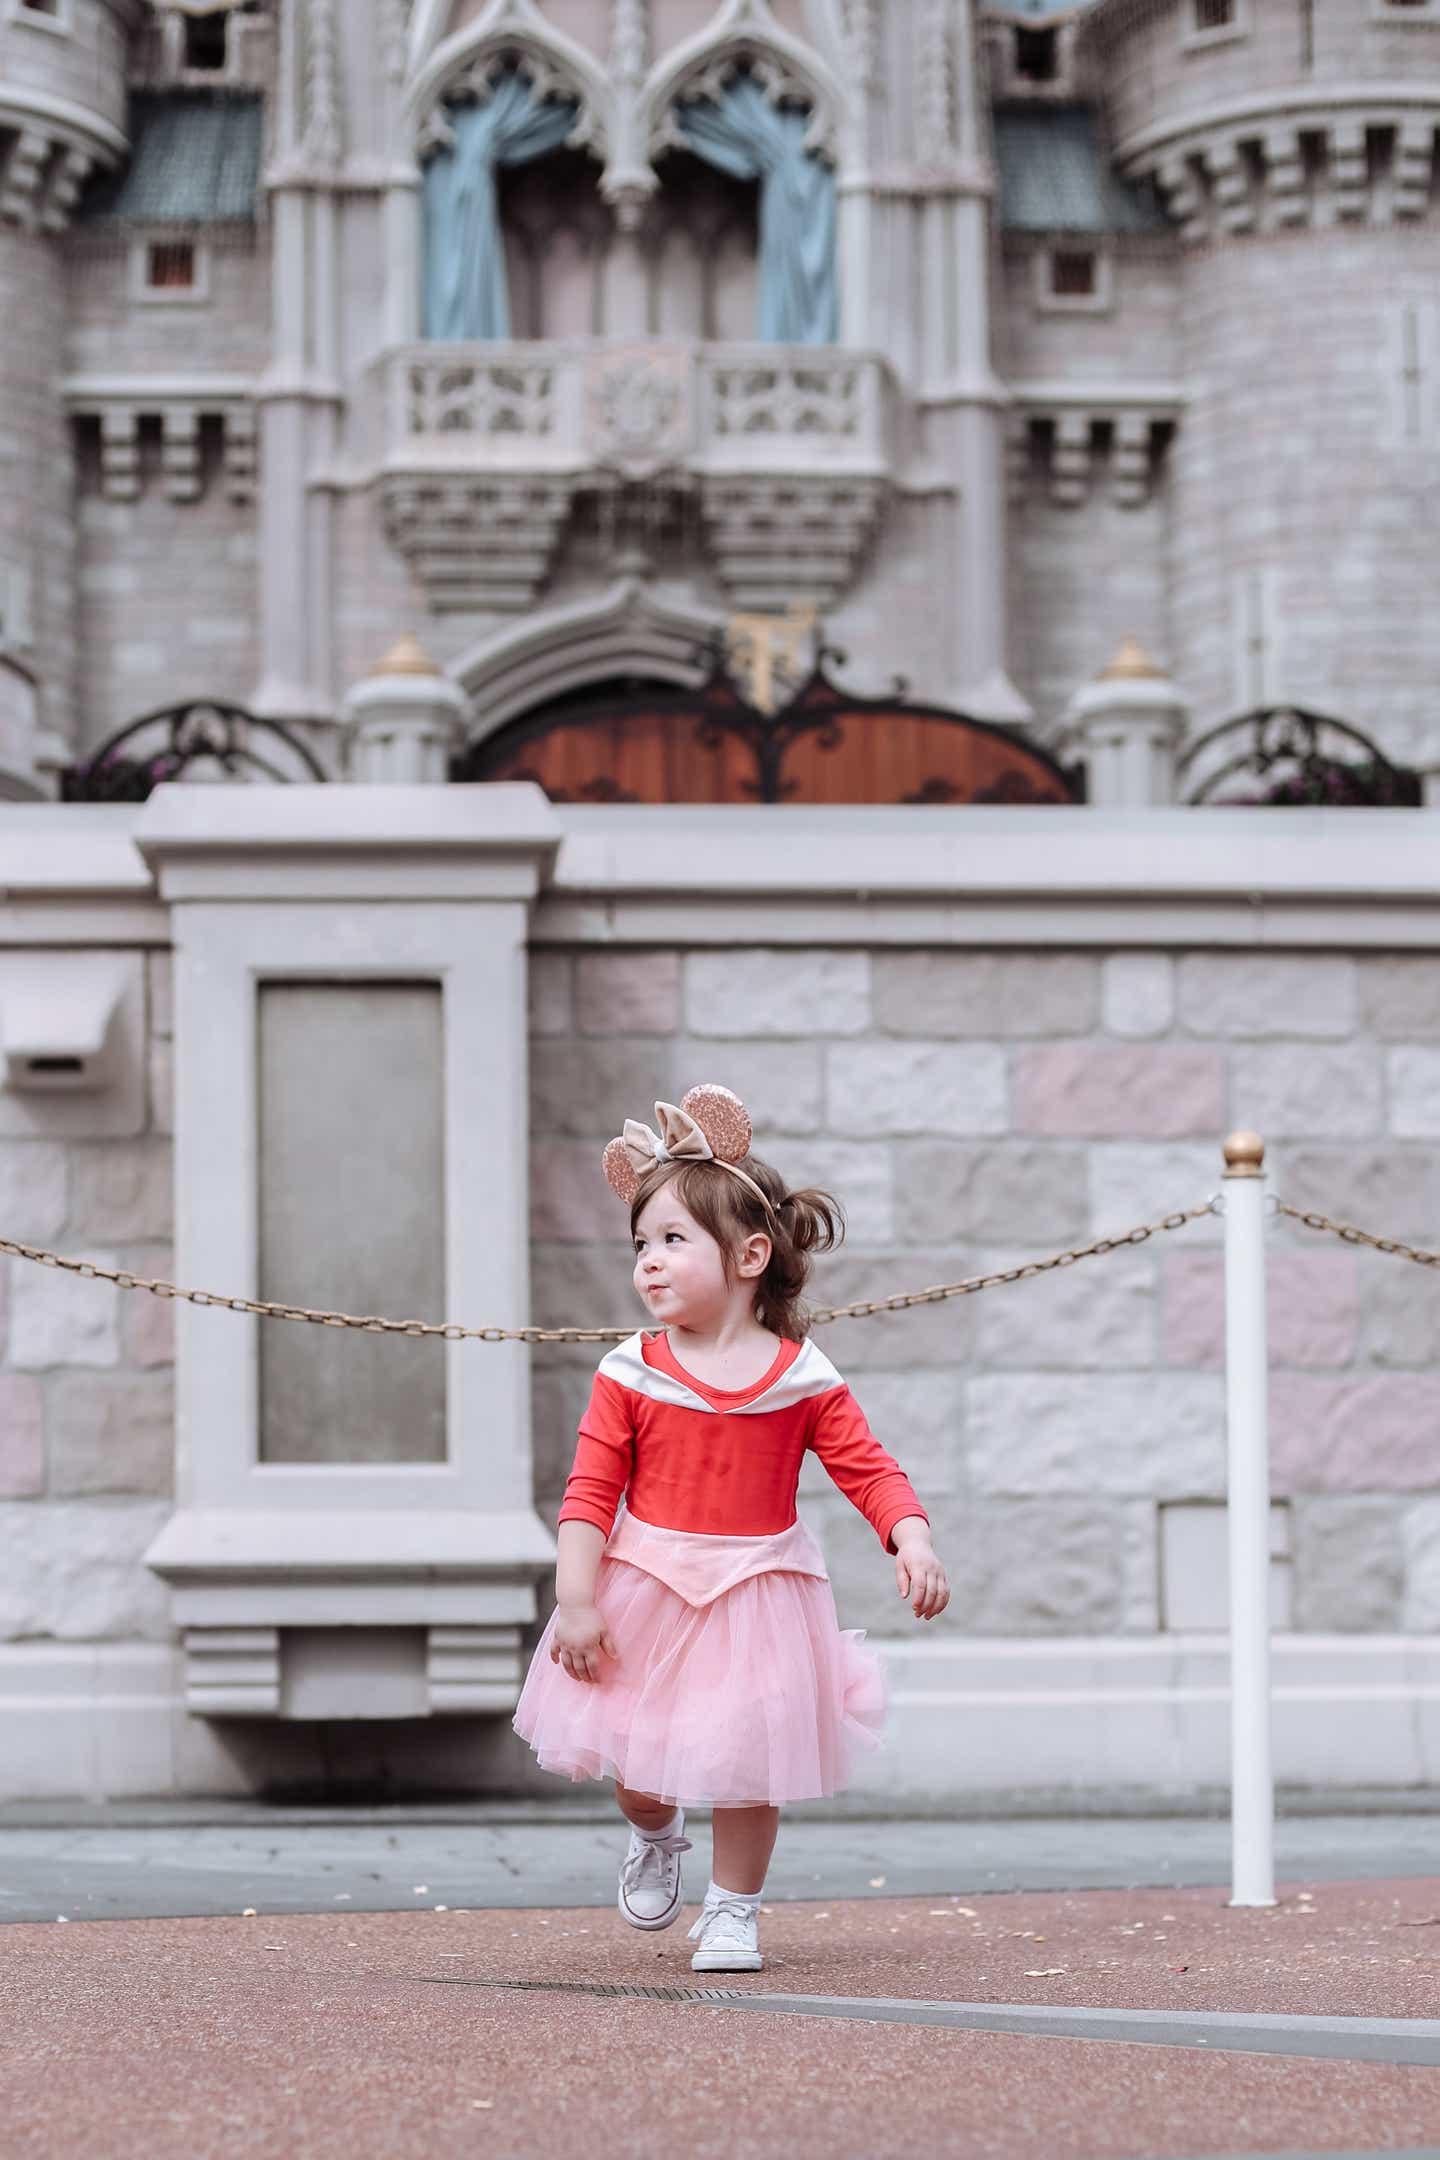 Mia's daughter at Magic Kingdom